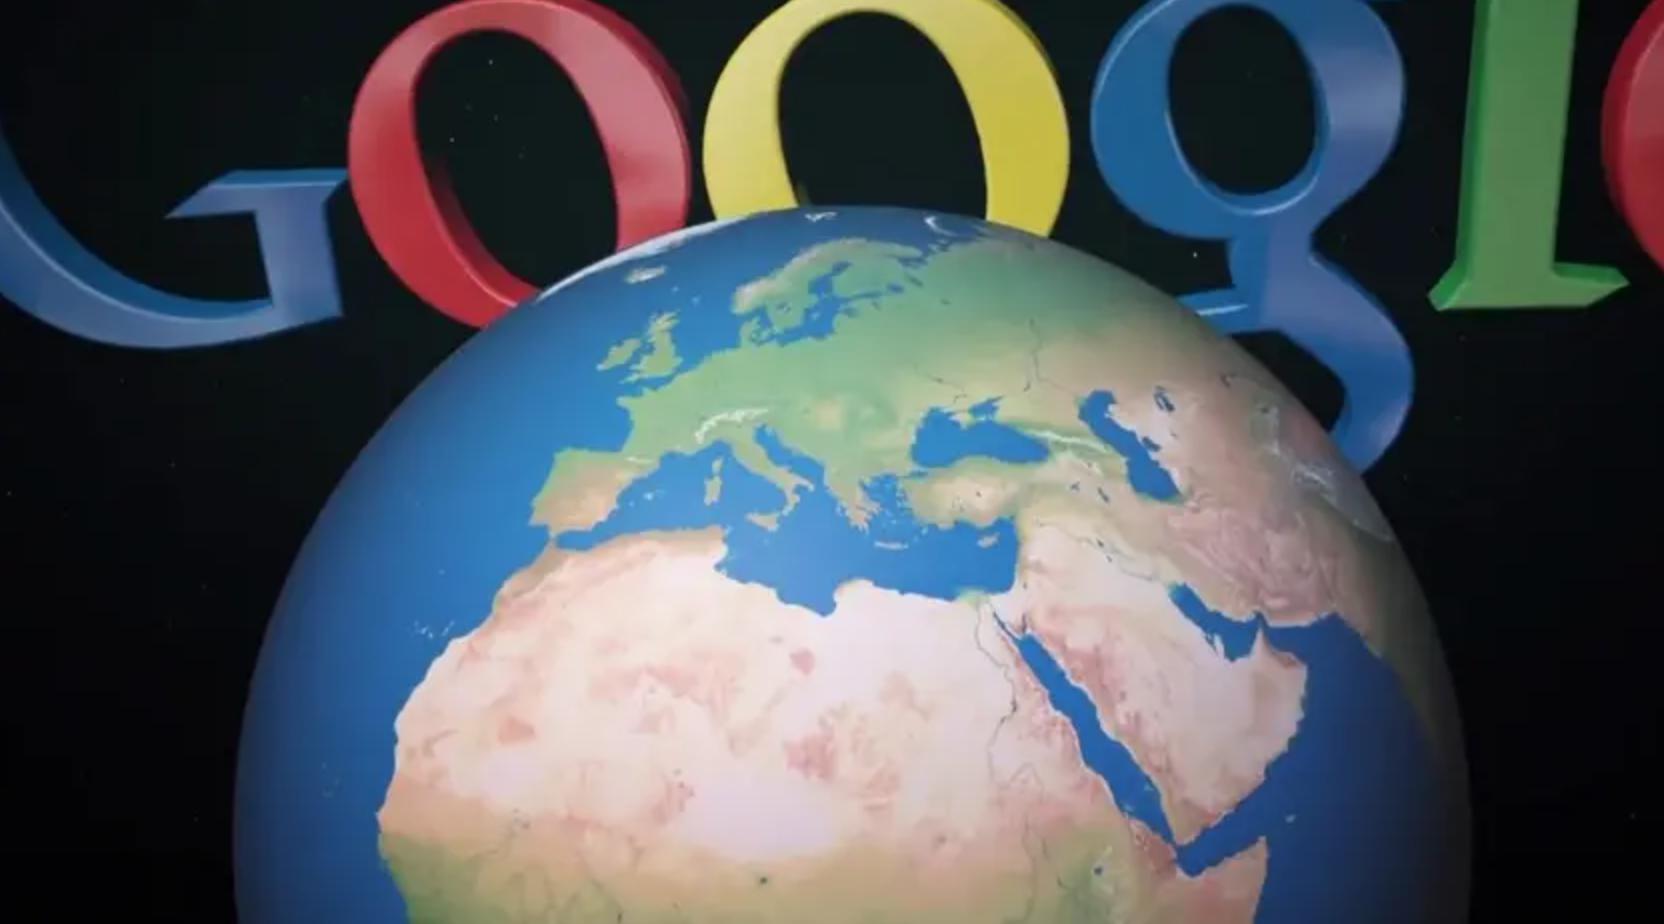 谷歌的另一面:谷歌精神是创始人的混成词